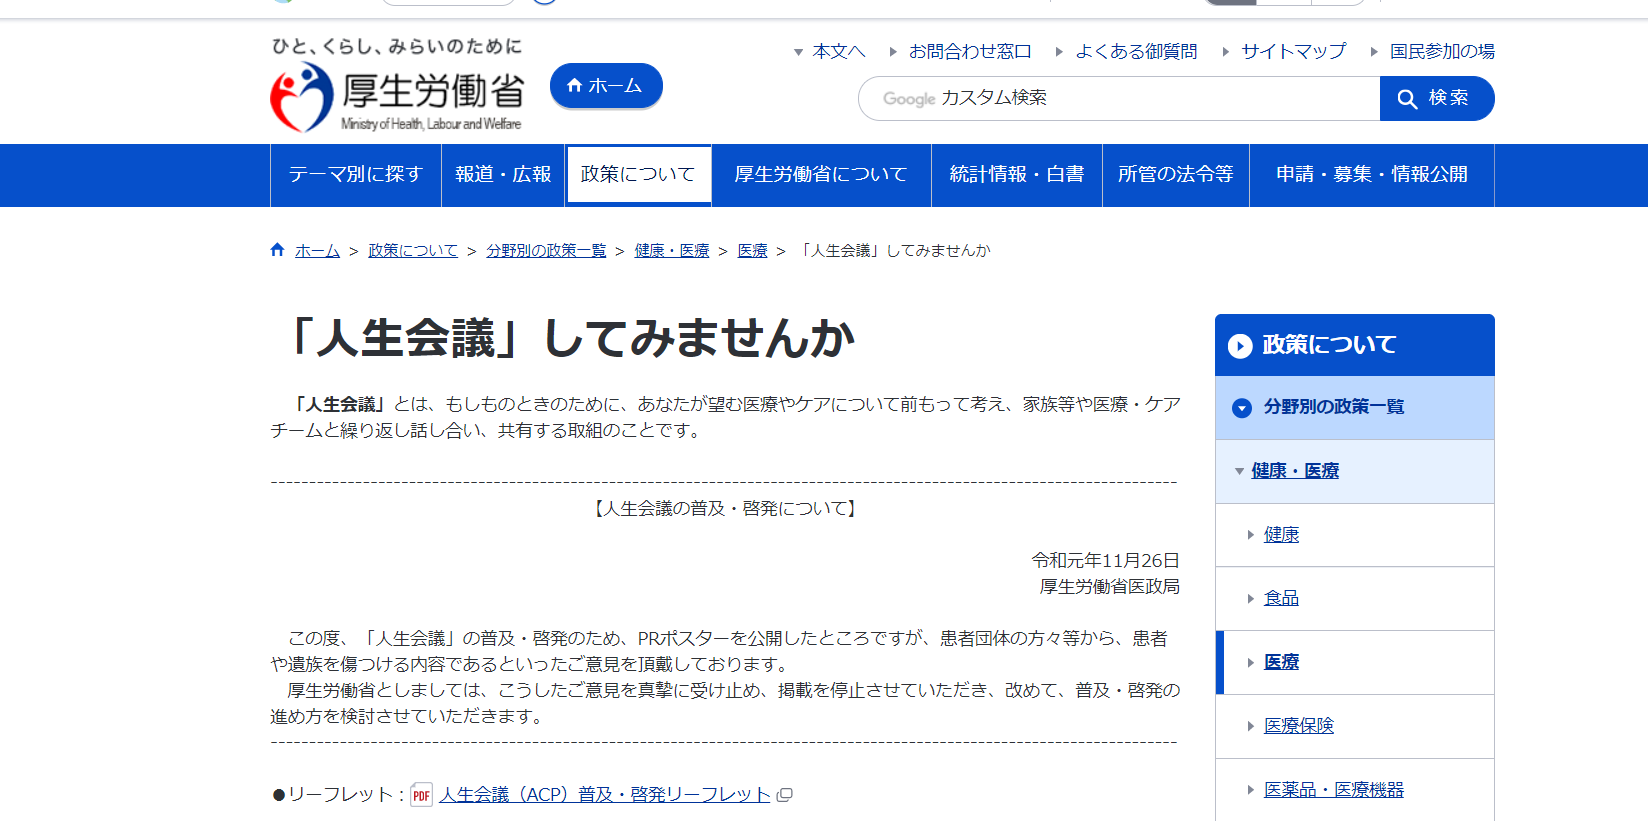 厚生省ホームページ